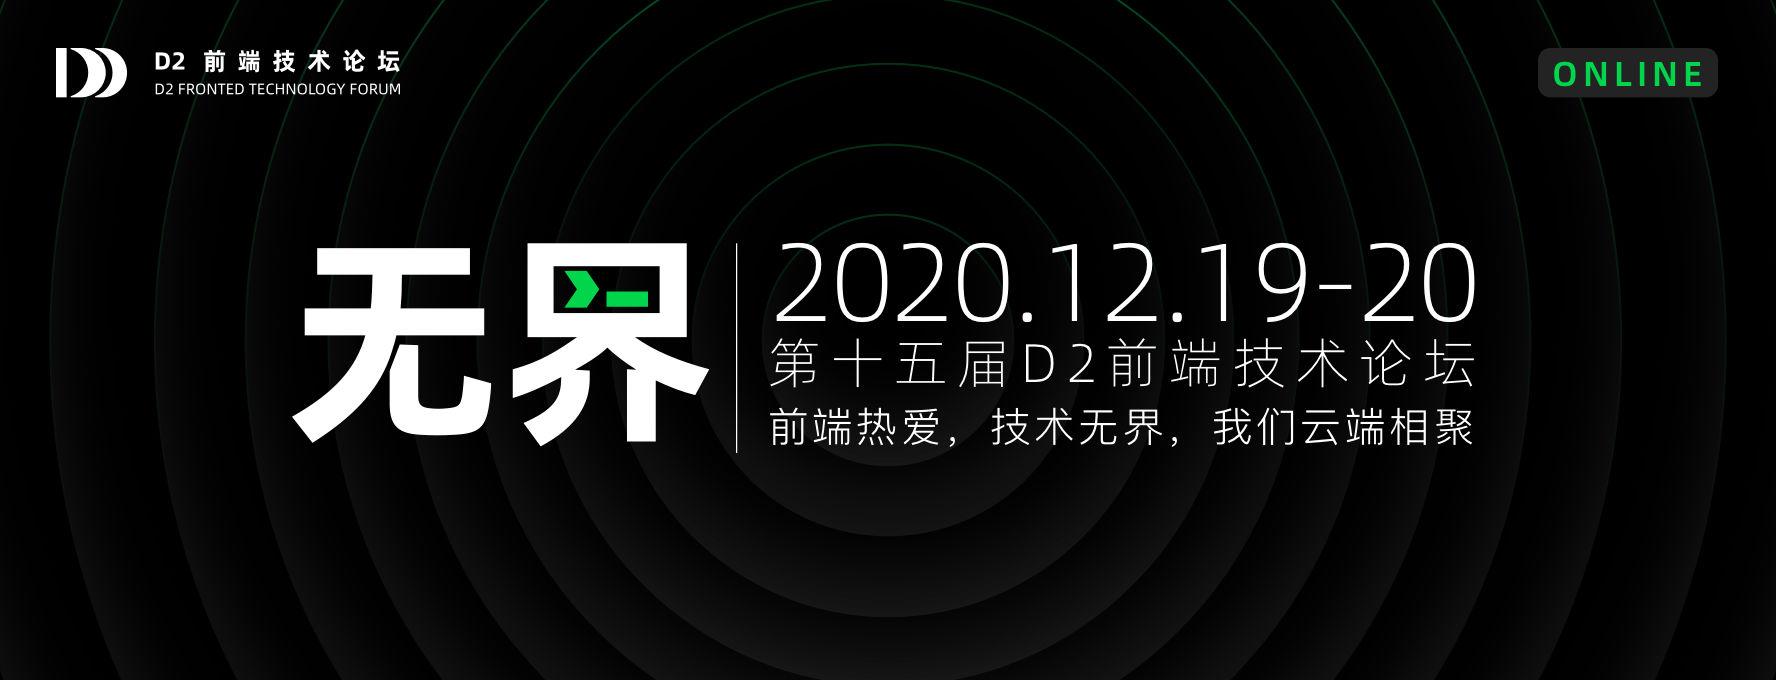 第十届D2前端技术论坛